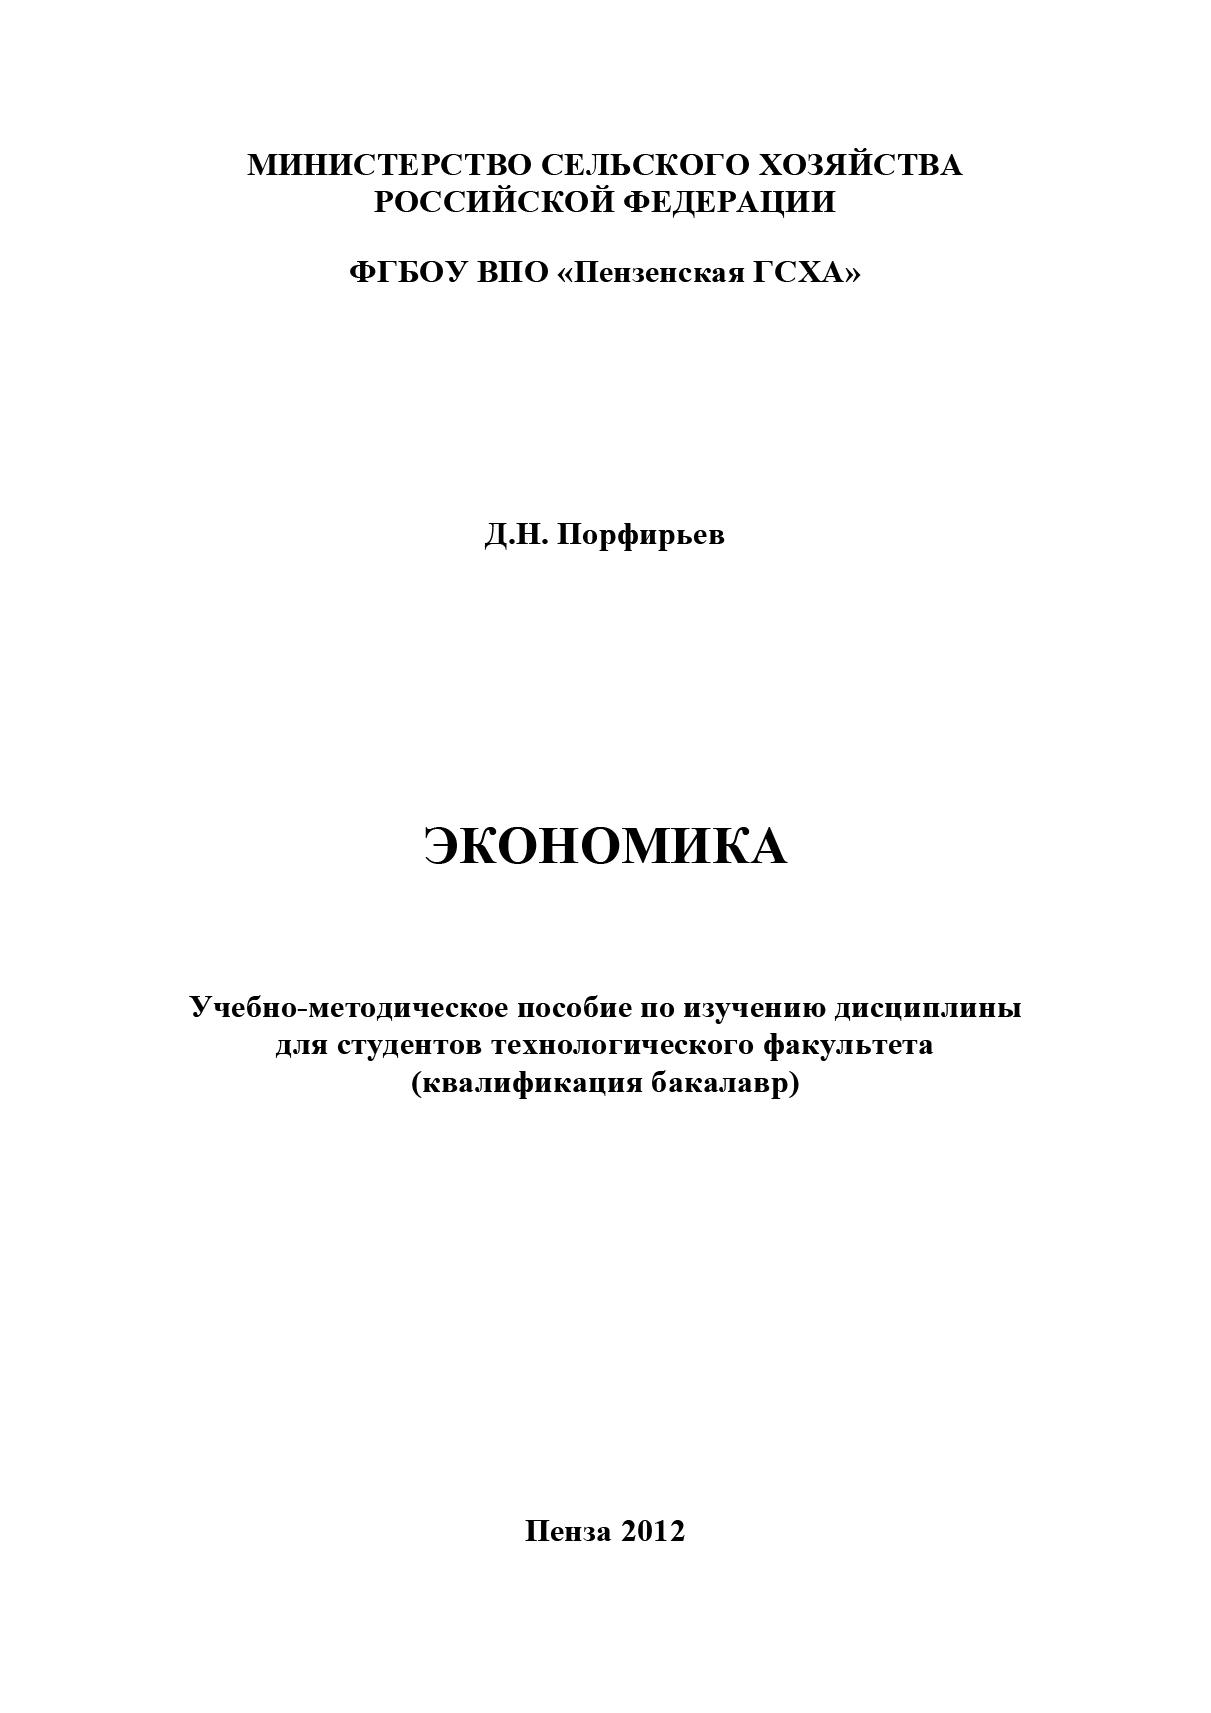 Д. Н. Порфирьев Экономика в г гусаков аграрная экономика термины и понятия